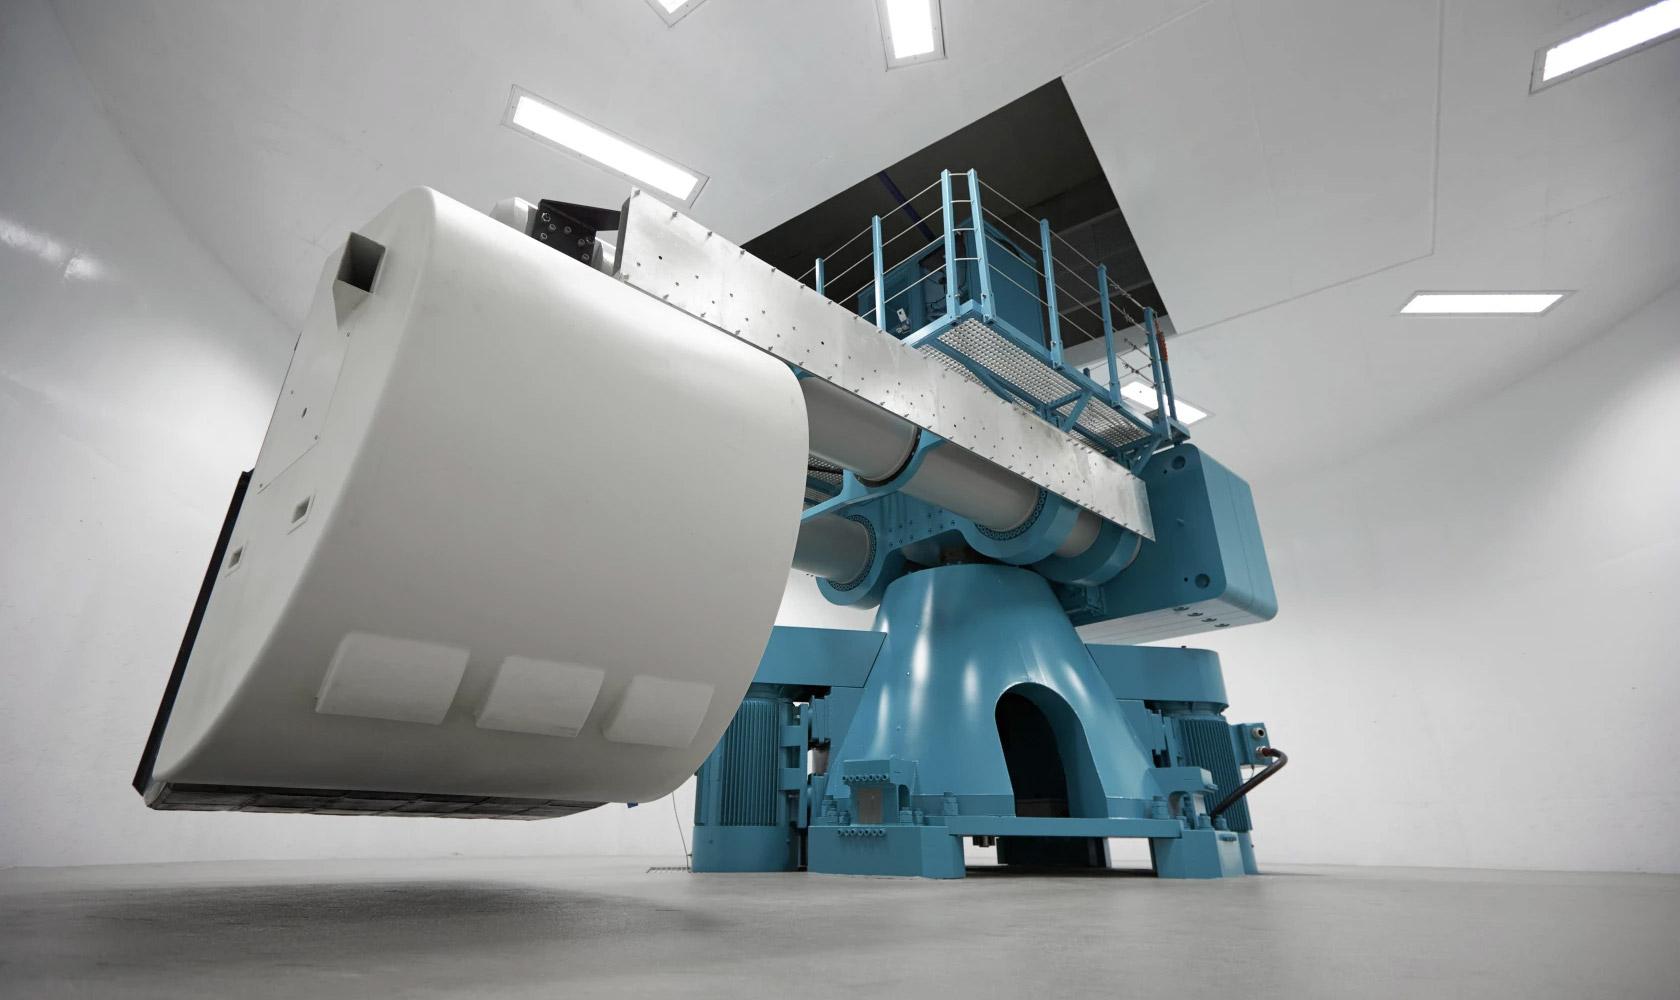 NGCF centrifuges spin on average, 270 days per year